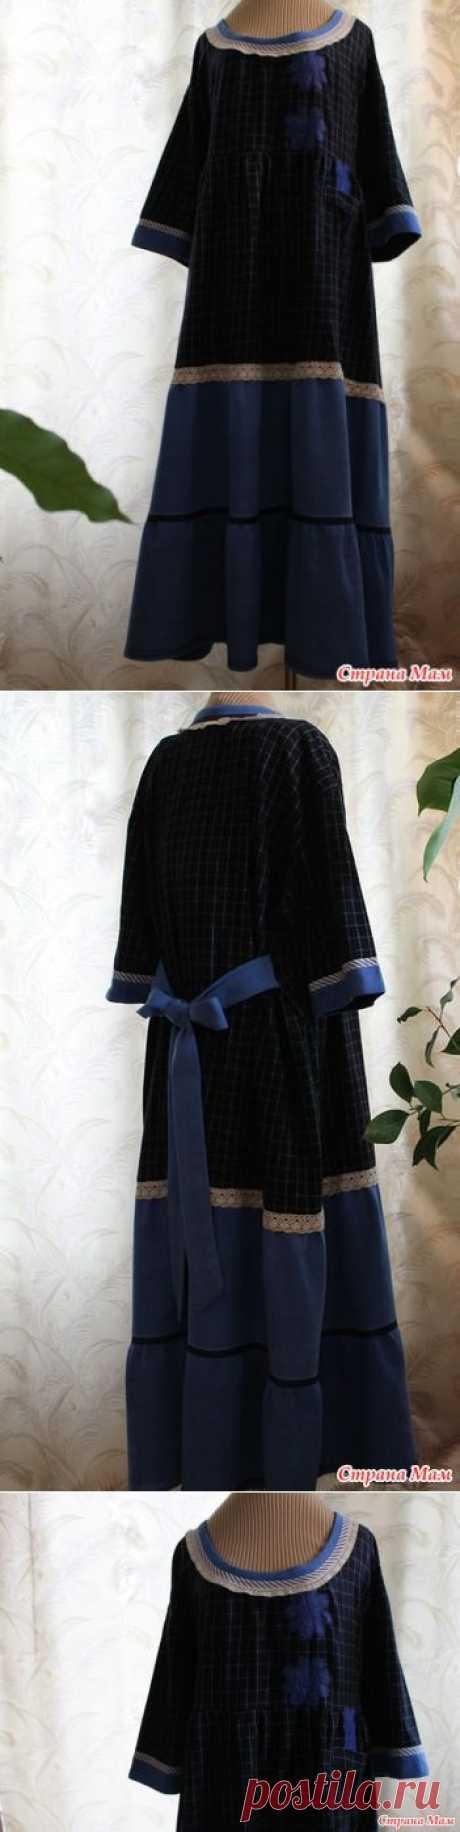 Домашнее платье 2. из мужской рубахи - Страна Мам